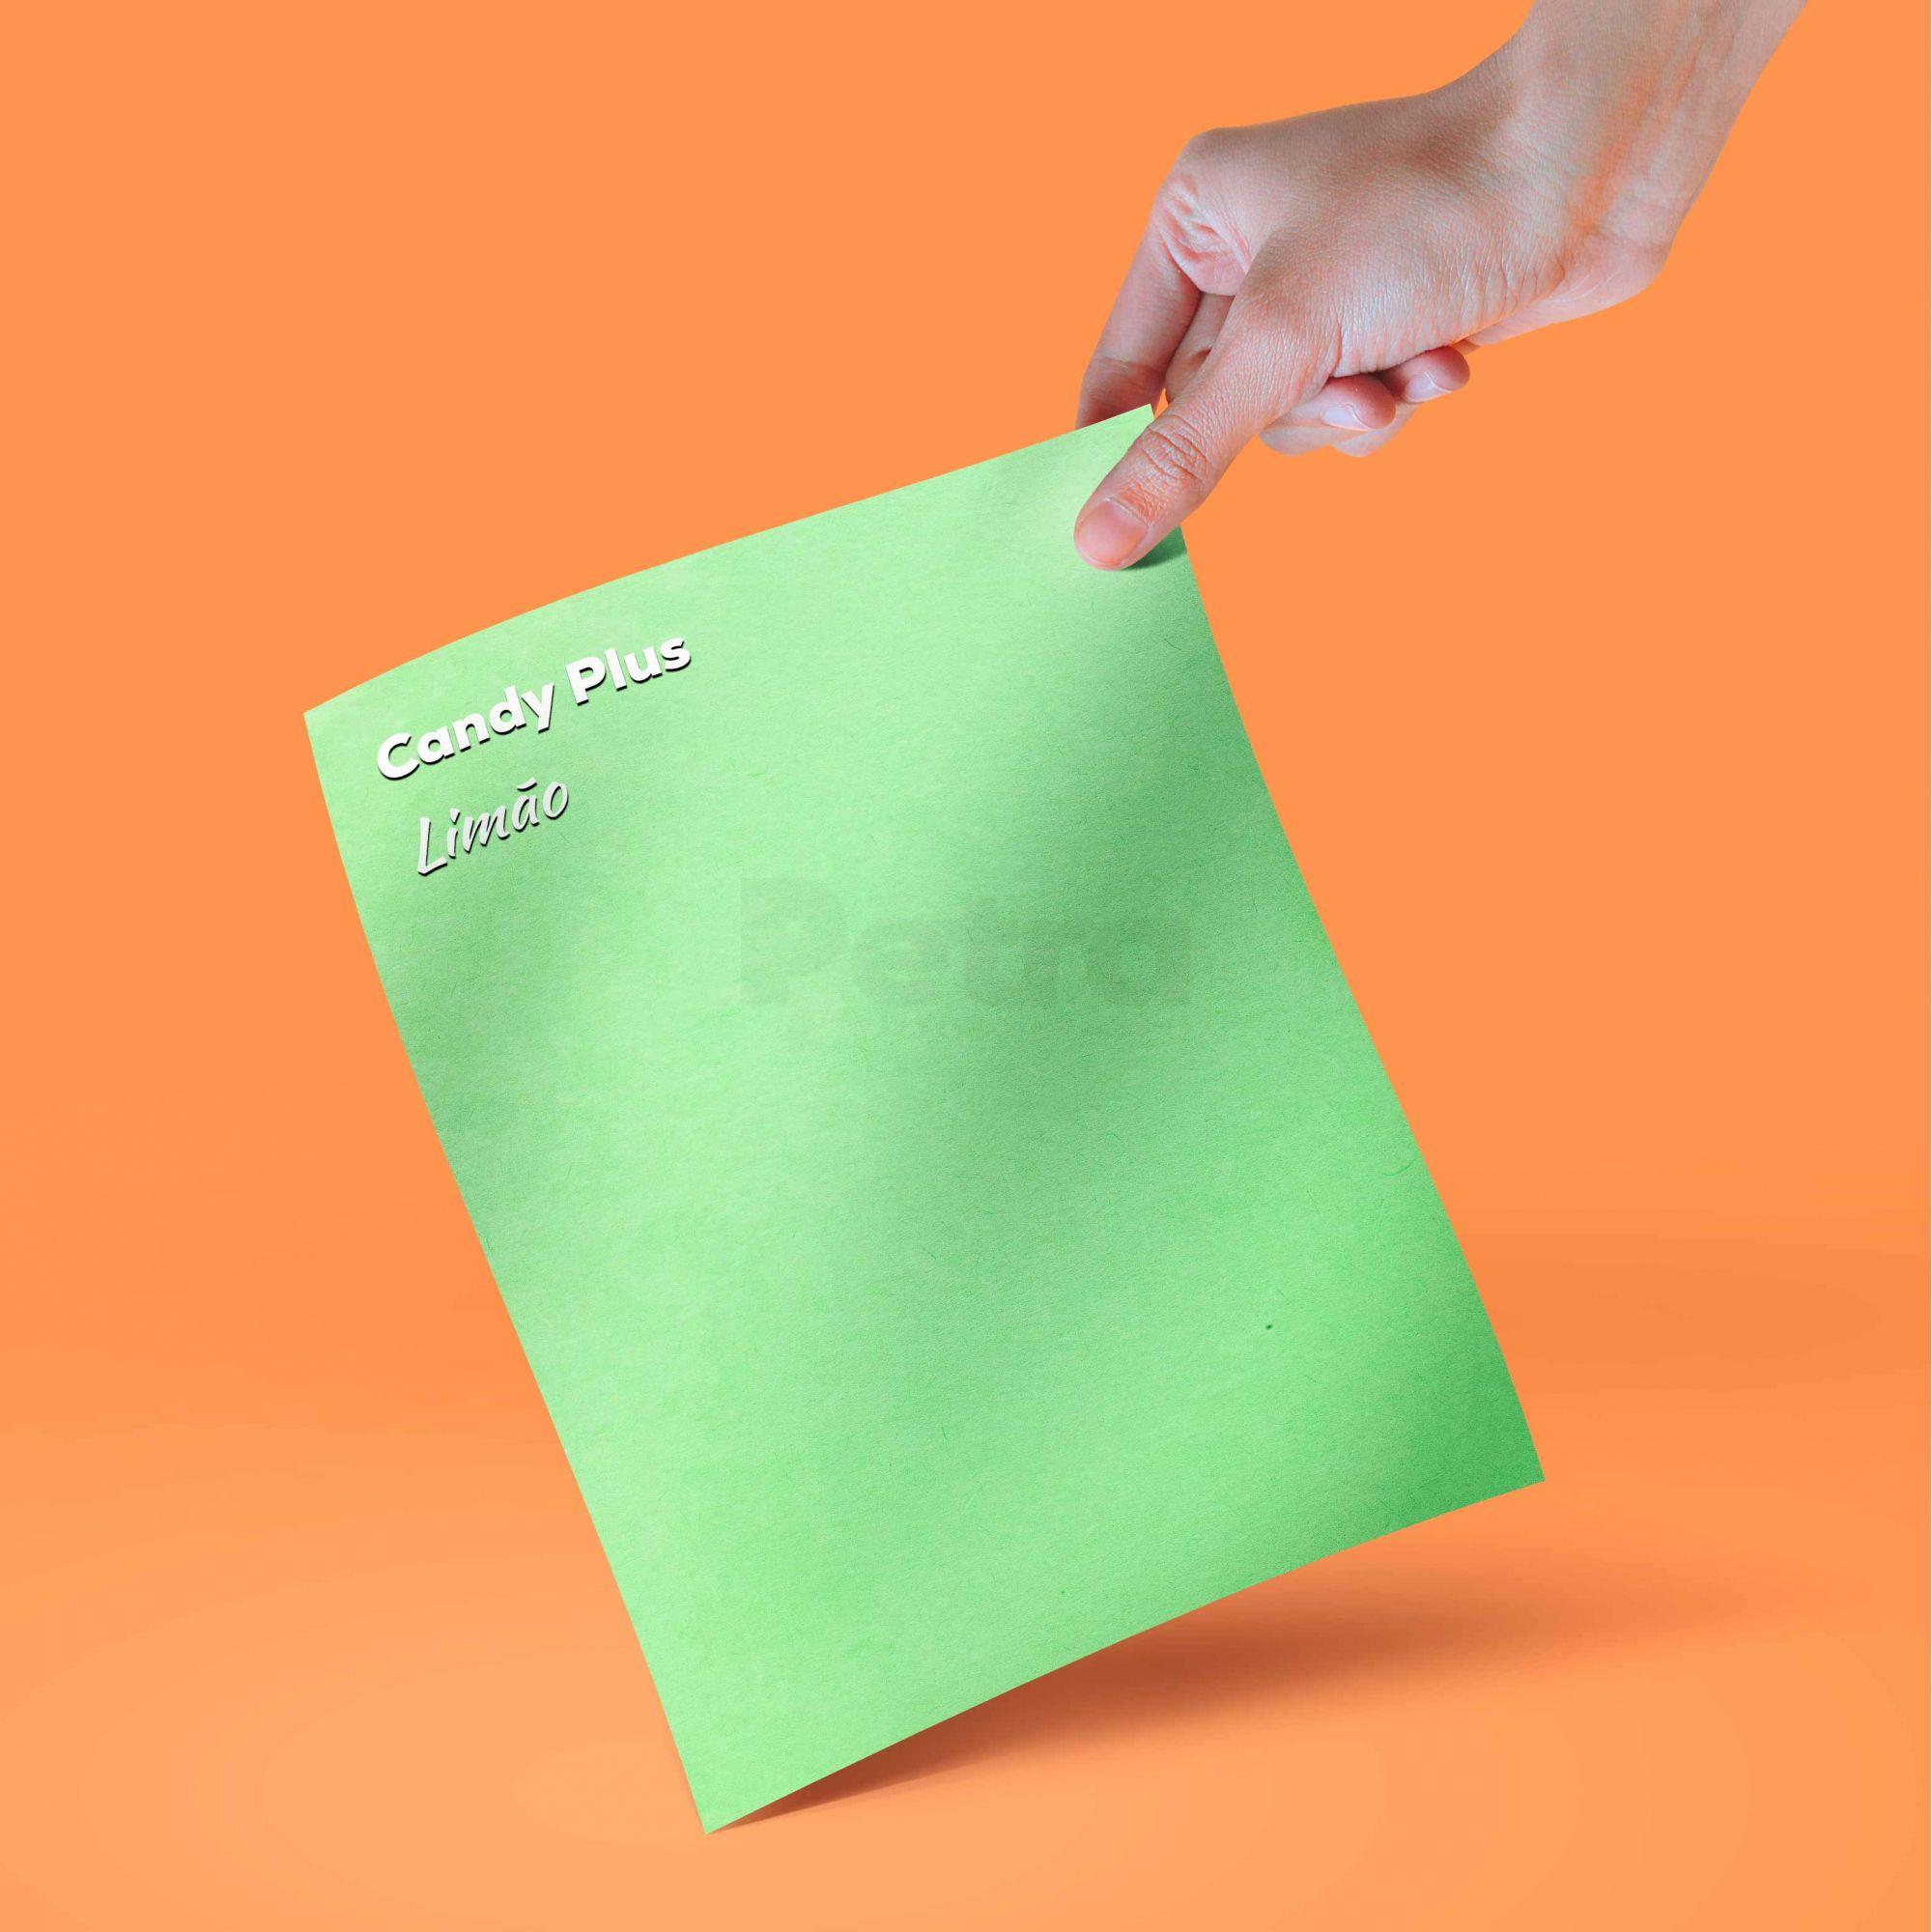 Candy Plus - Limão  - Verde - Tam. A3 - 180g/m² - 20 folhas